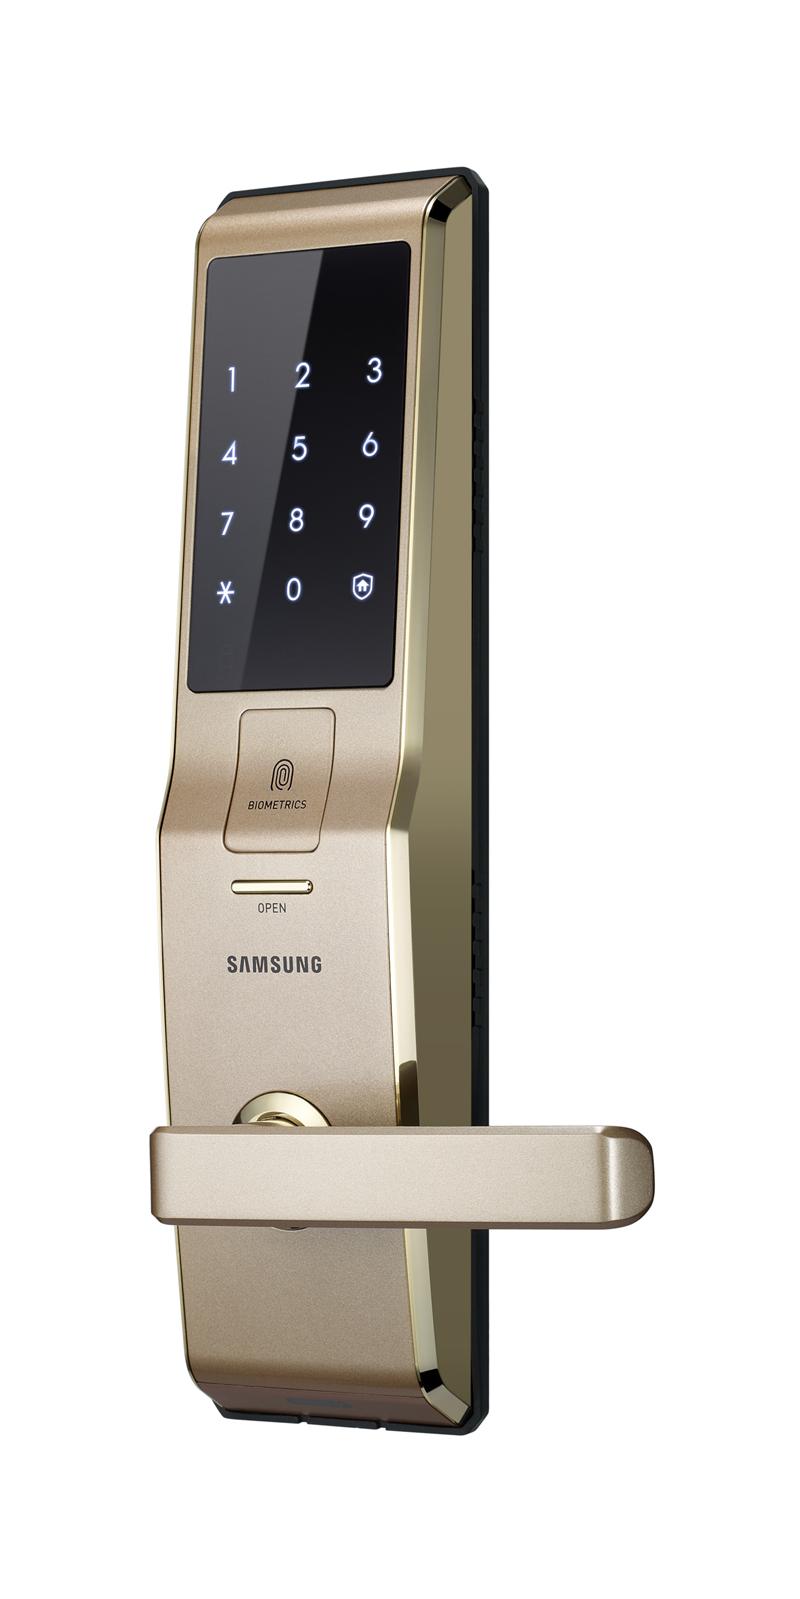 Khóa vân tay Samsung SHS-H705FMG/EN